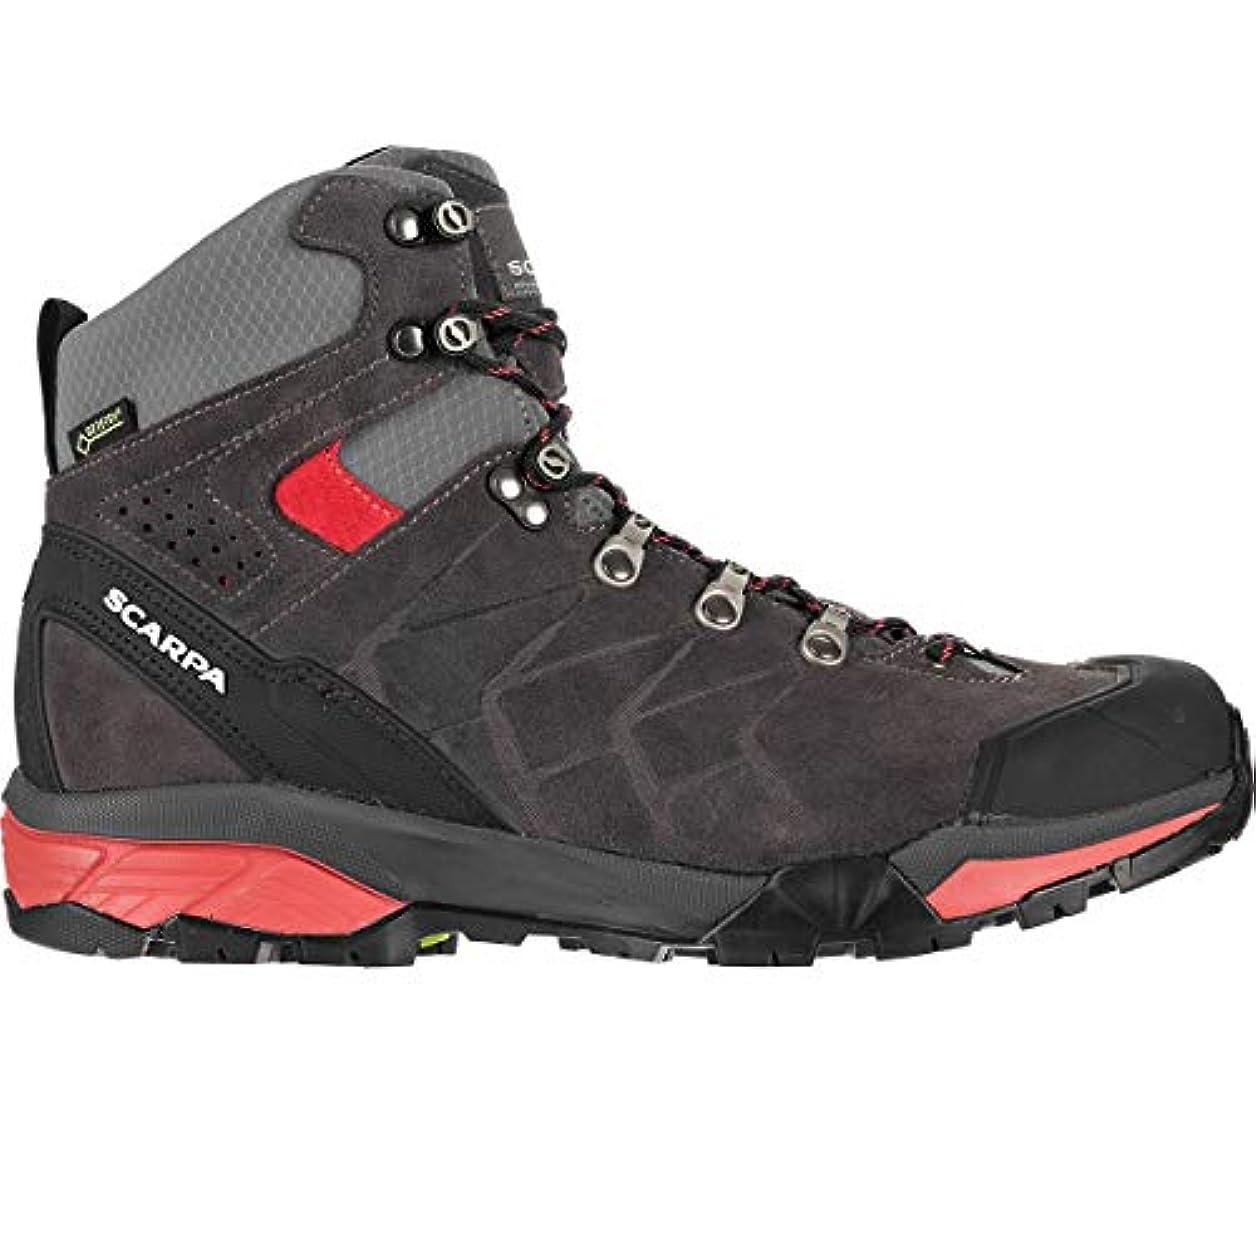 規則性巨大世論調査[スカルパ] レディース ハイキング ZG Trek GTX Backpacking Boot - Women's [並行輸入品]